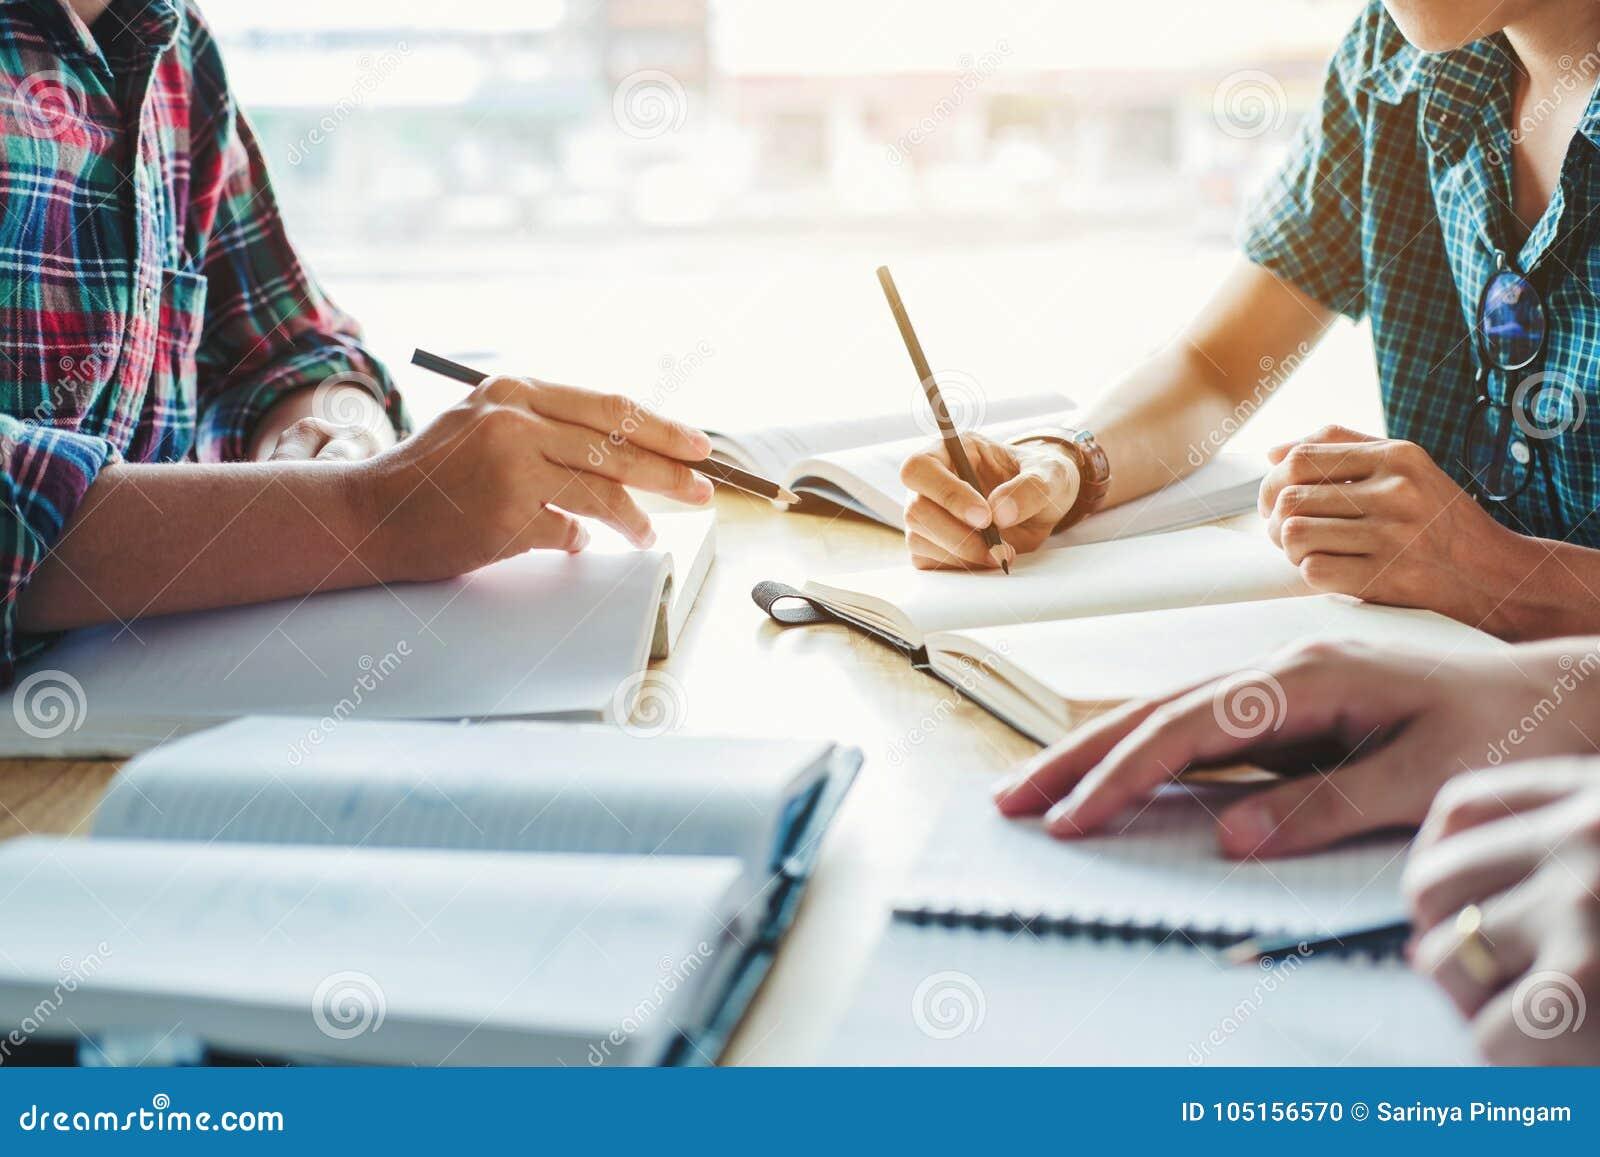 Γυμνάσιο ή φοιτητές πανεπιστημίου που μελετά και που διαβάζει μαζί μέσα